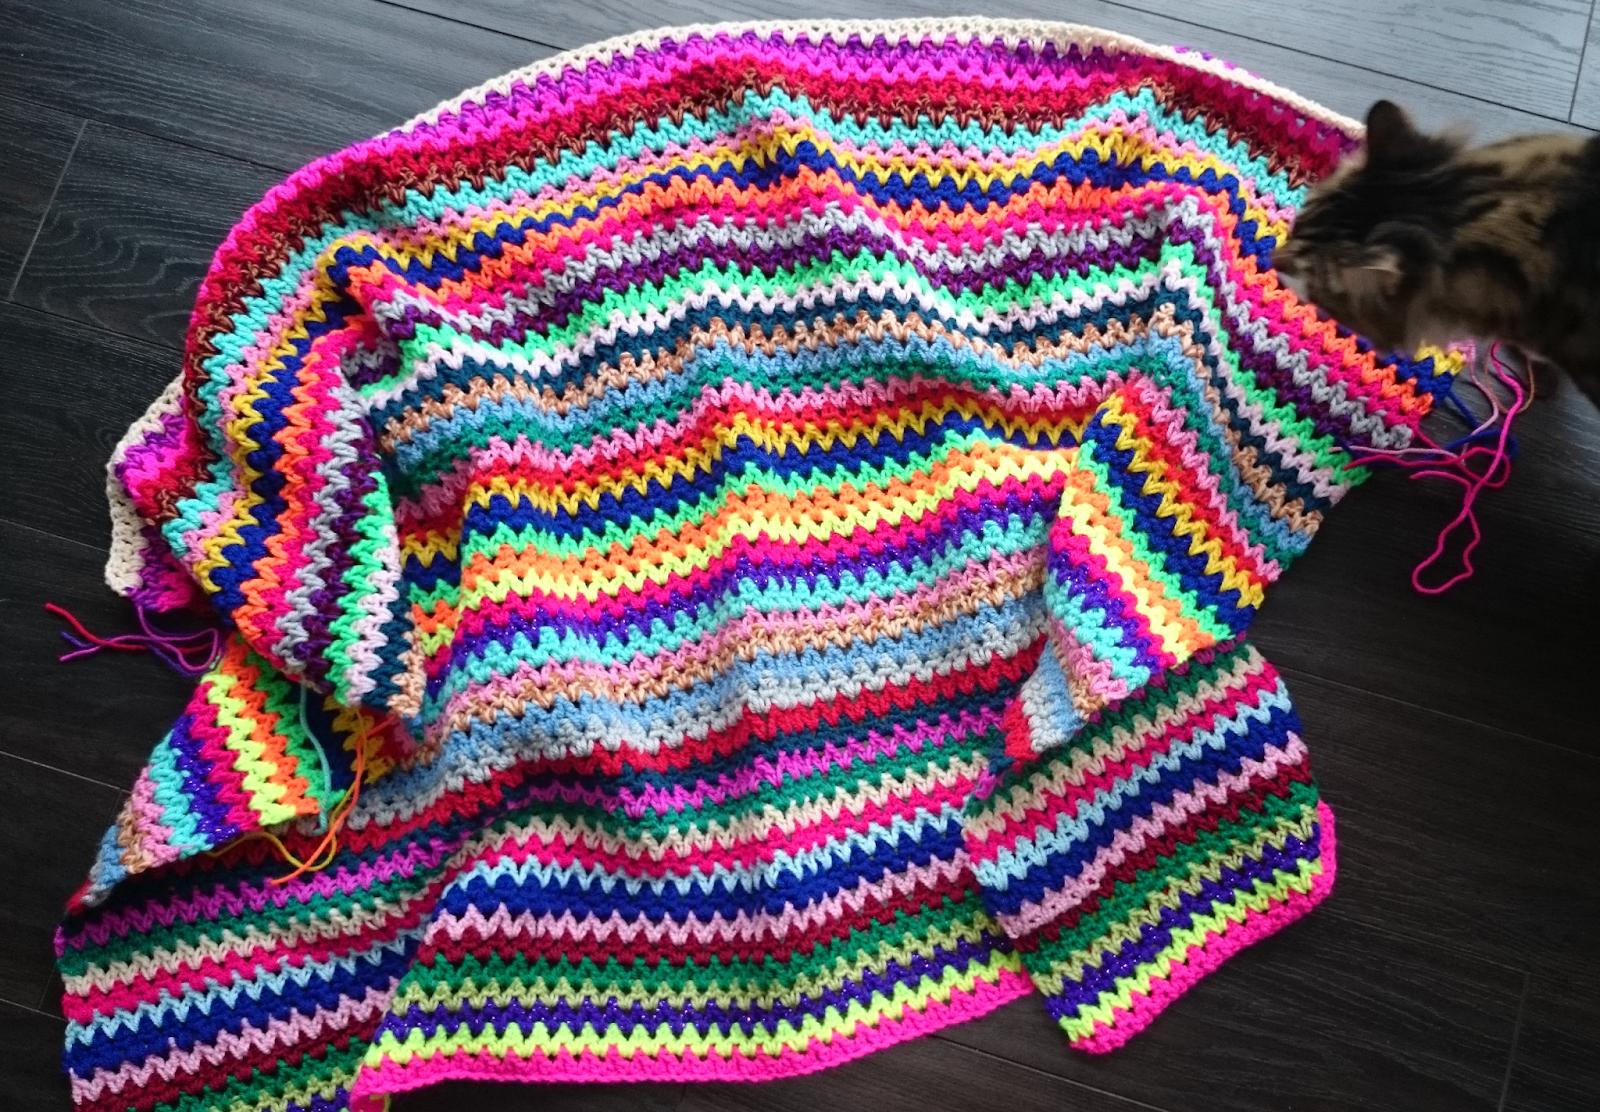 v stitch vstitch crochet blanket update crocheting cat photo bomb